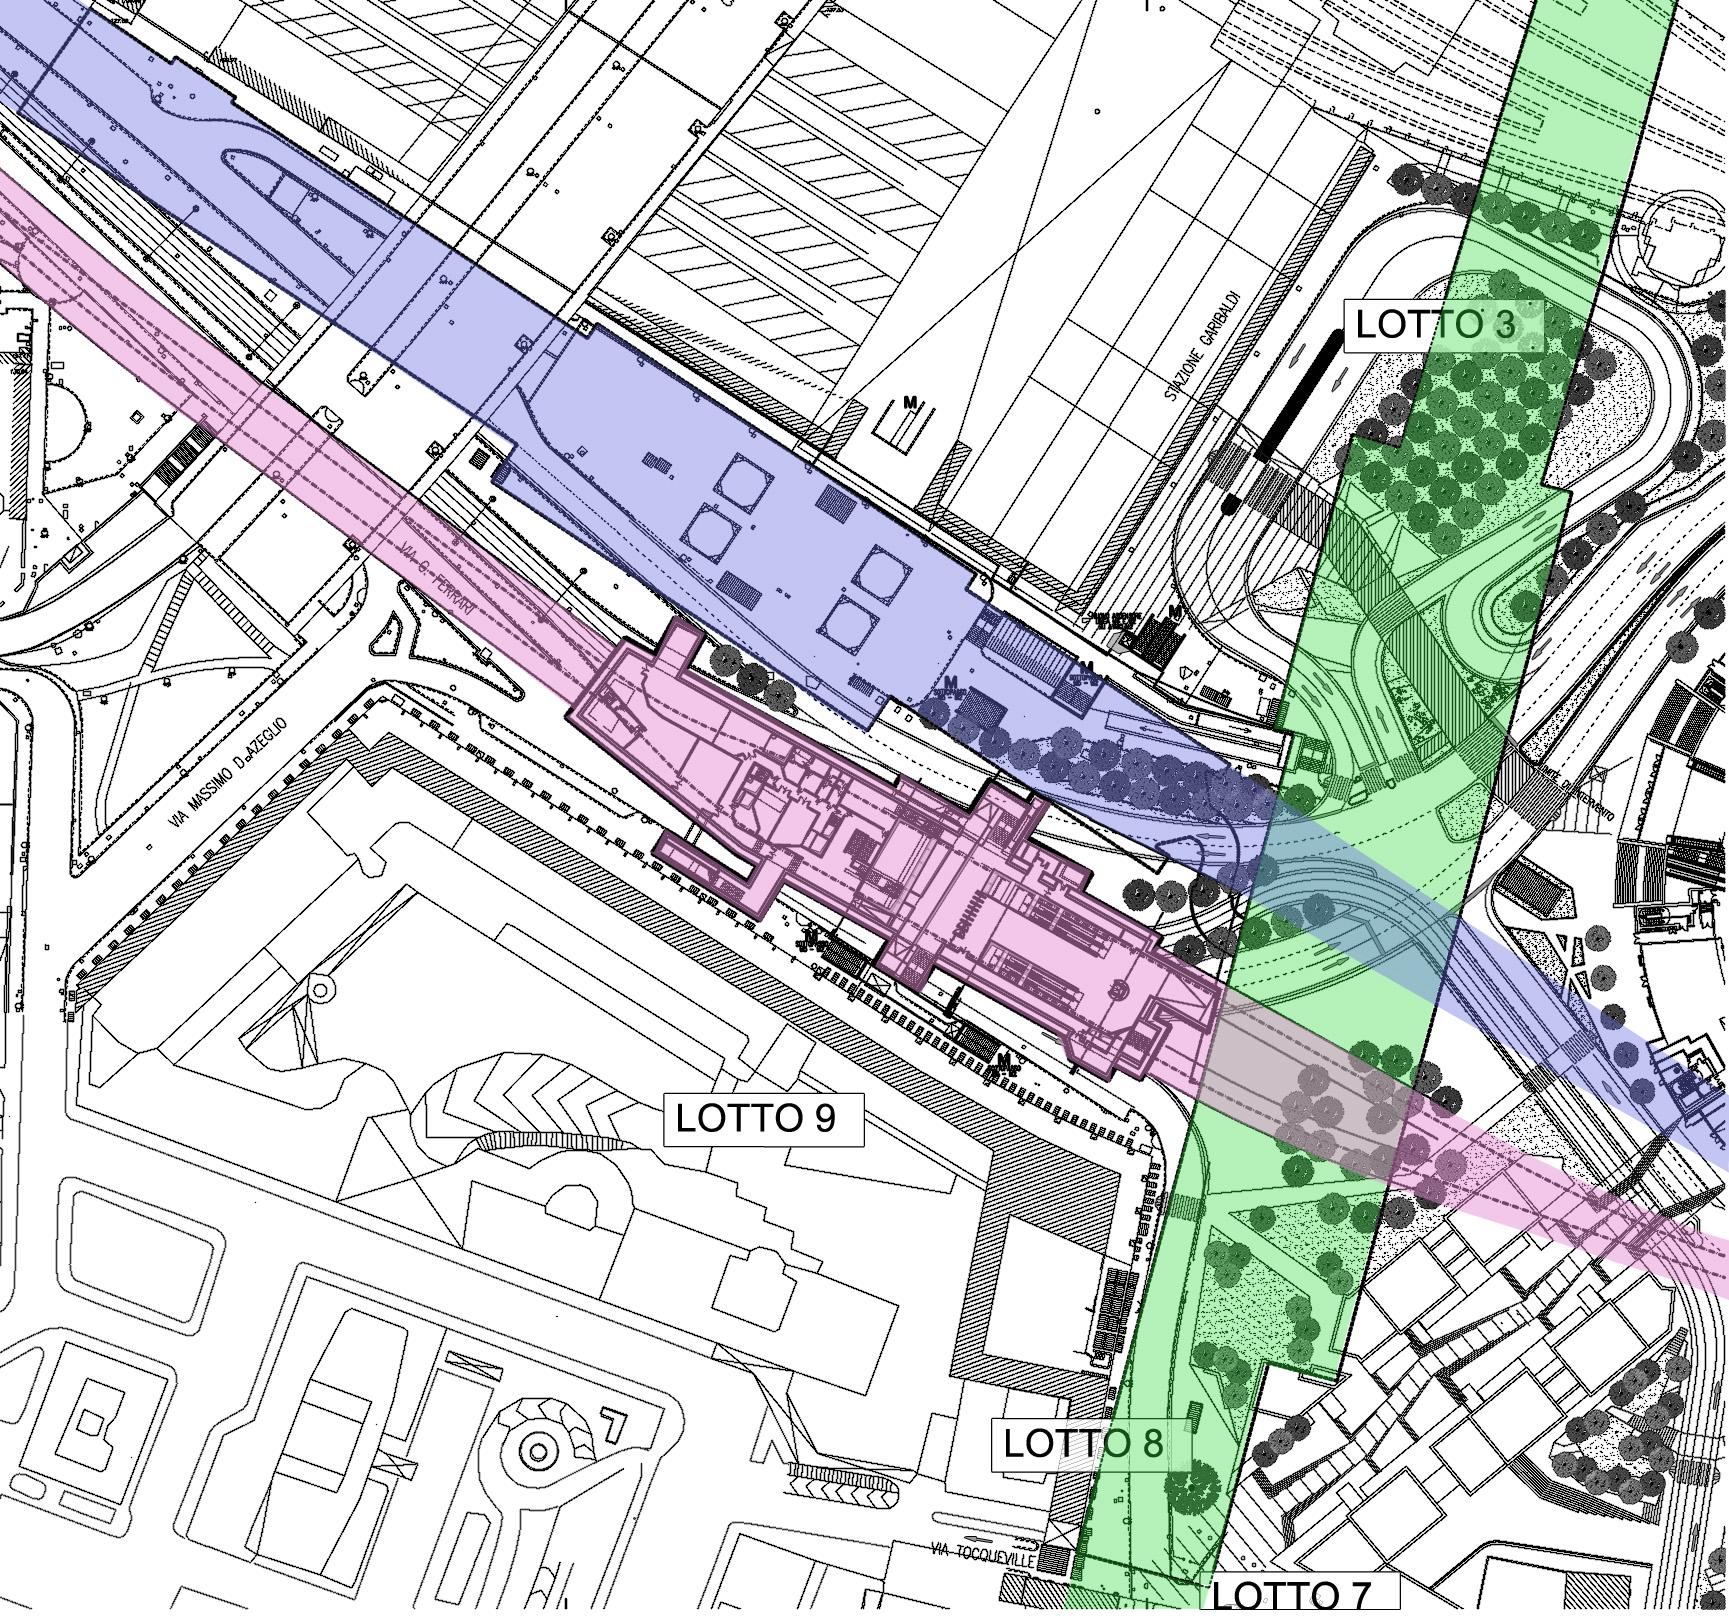 Metropolitana di milano linea 5 metroricerche blog - Stazione porta garibaldi mappa ...